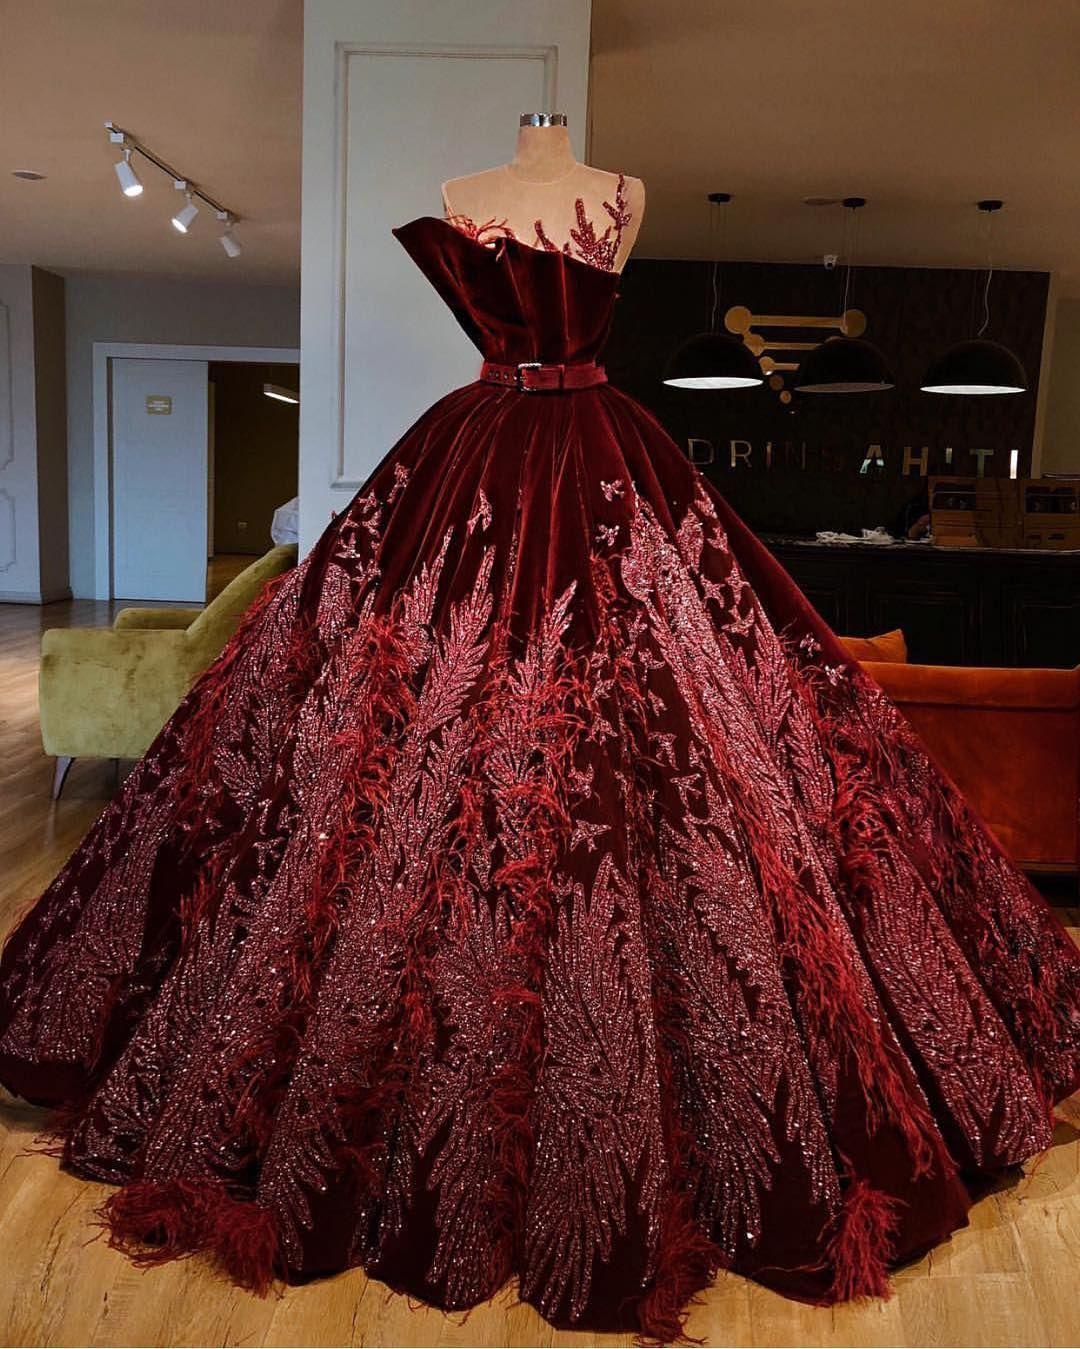 luxury design sofa #luxury design fargo #home luxury design